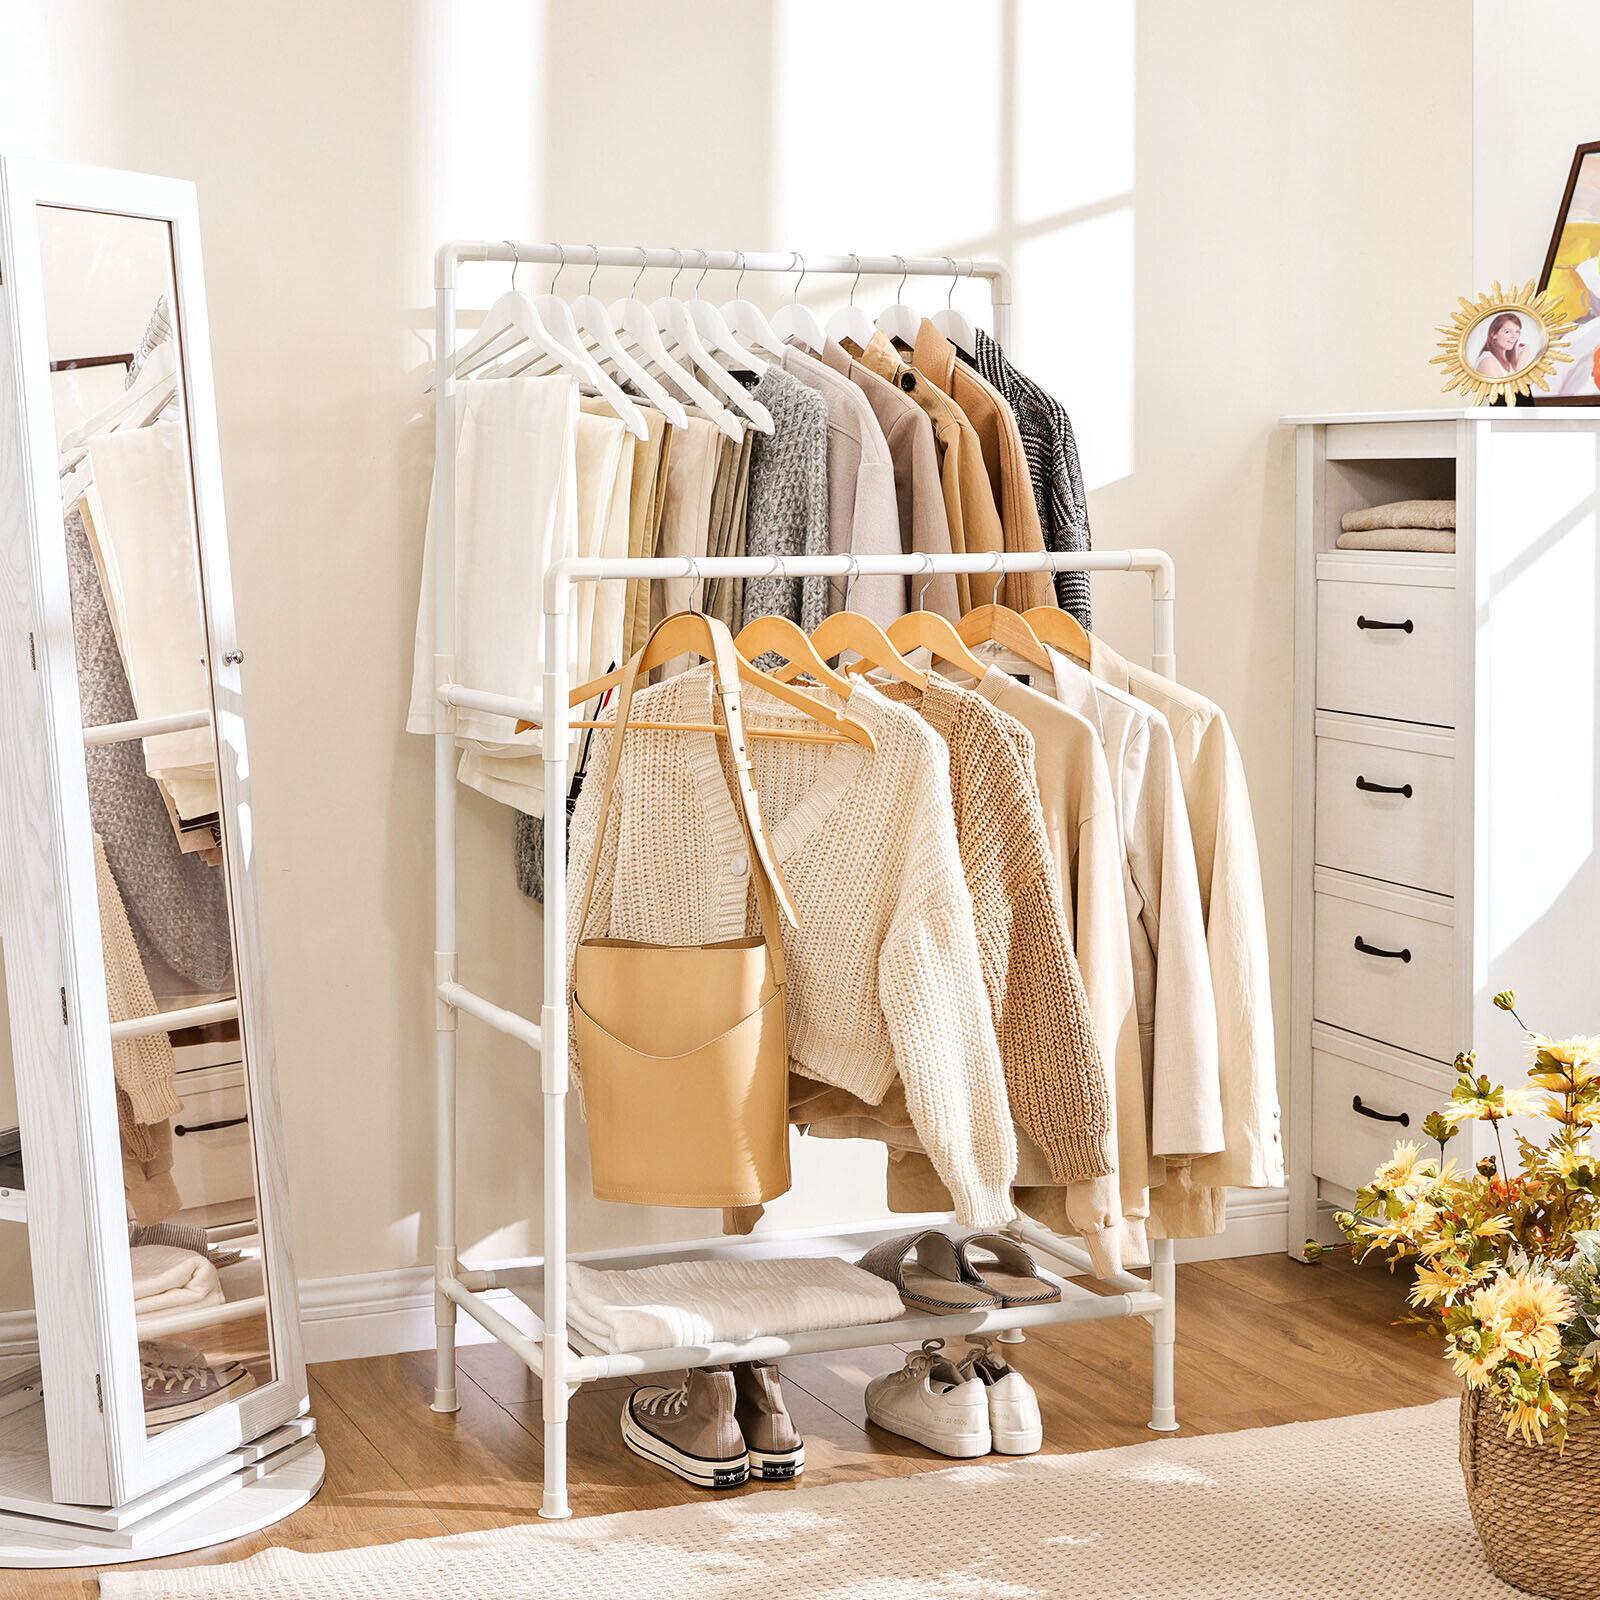 Garderobenständer aus Metall, Kleiderständer, 2 Kleiderstangen 1 Ablage RDR01WT